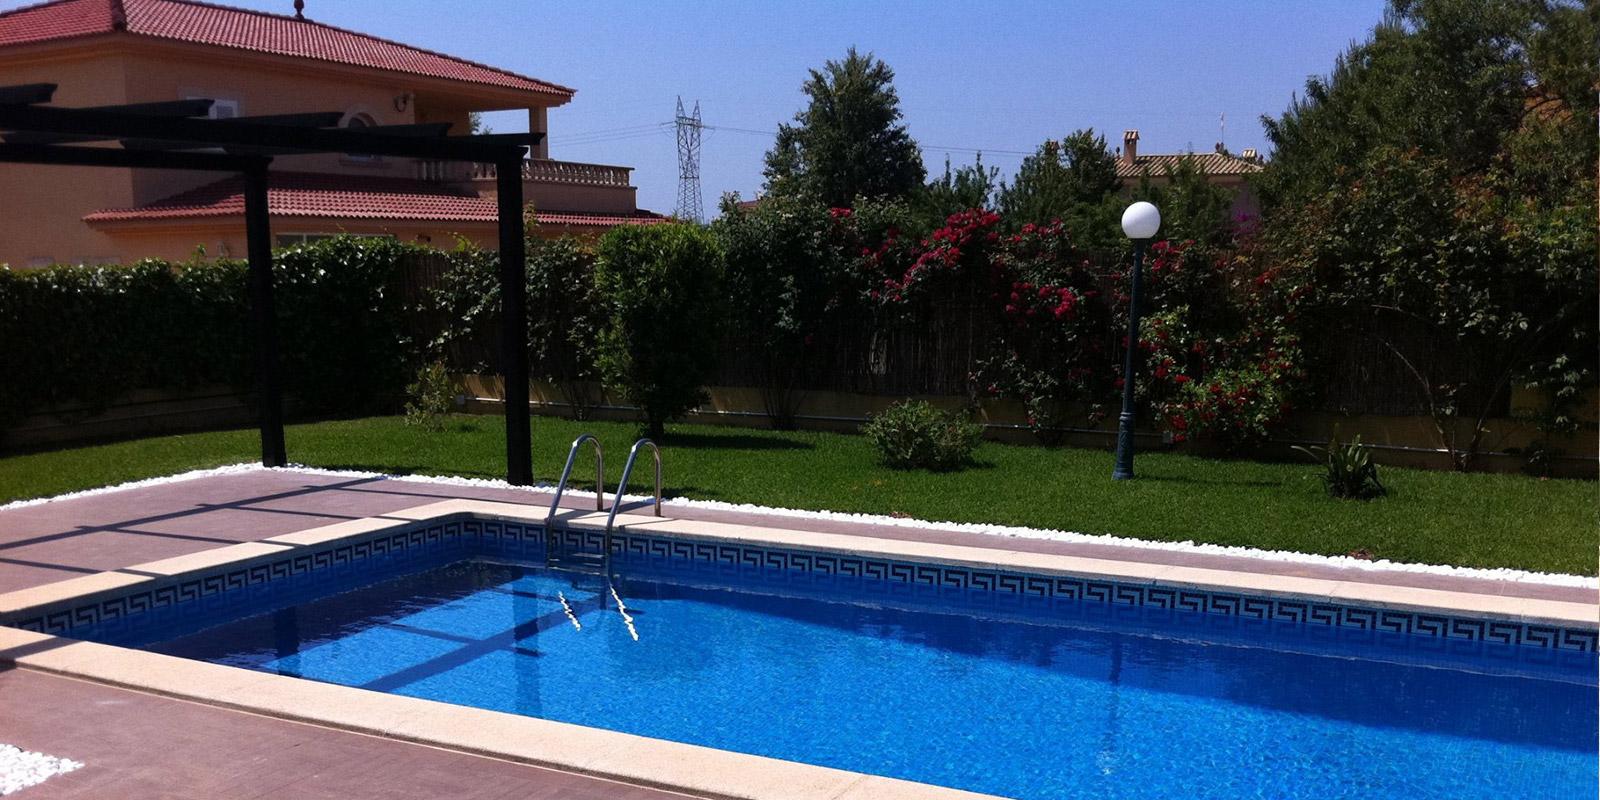 Construcci n de piscinas en mallorca construcciones calvo - Piscinas prefabricadas mallorca ...